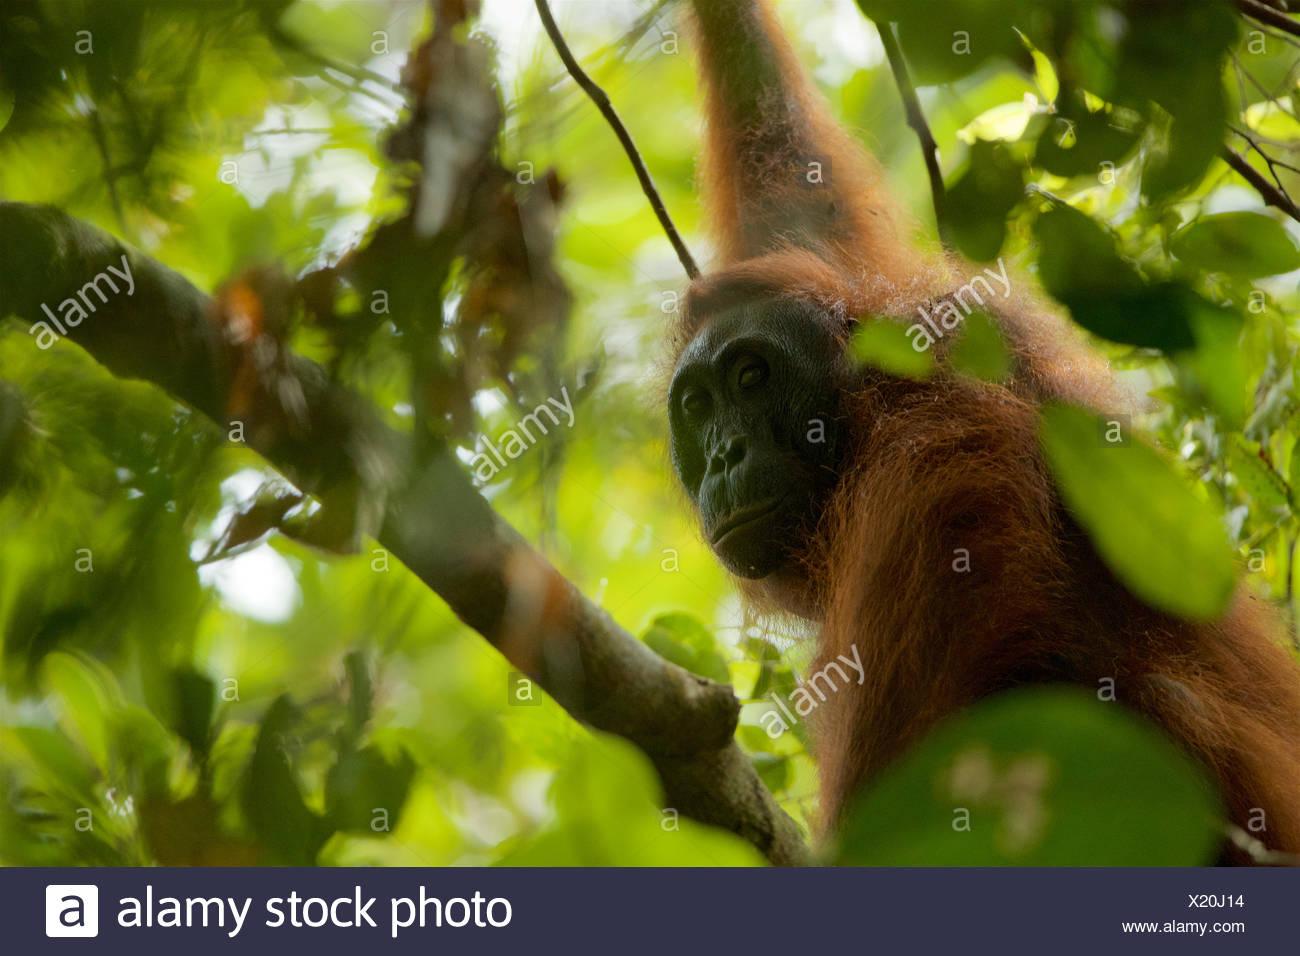 Une femelle orang-outan, Pongo pygmaeus, wurmbii repose dans un arbre à Gunung Palung National Park. Banque D'Images